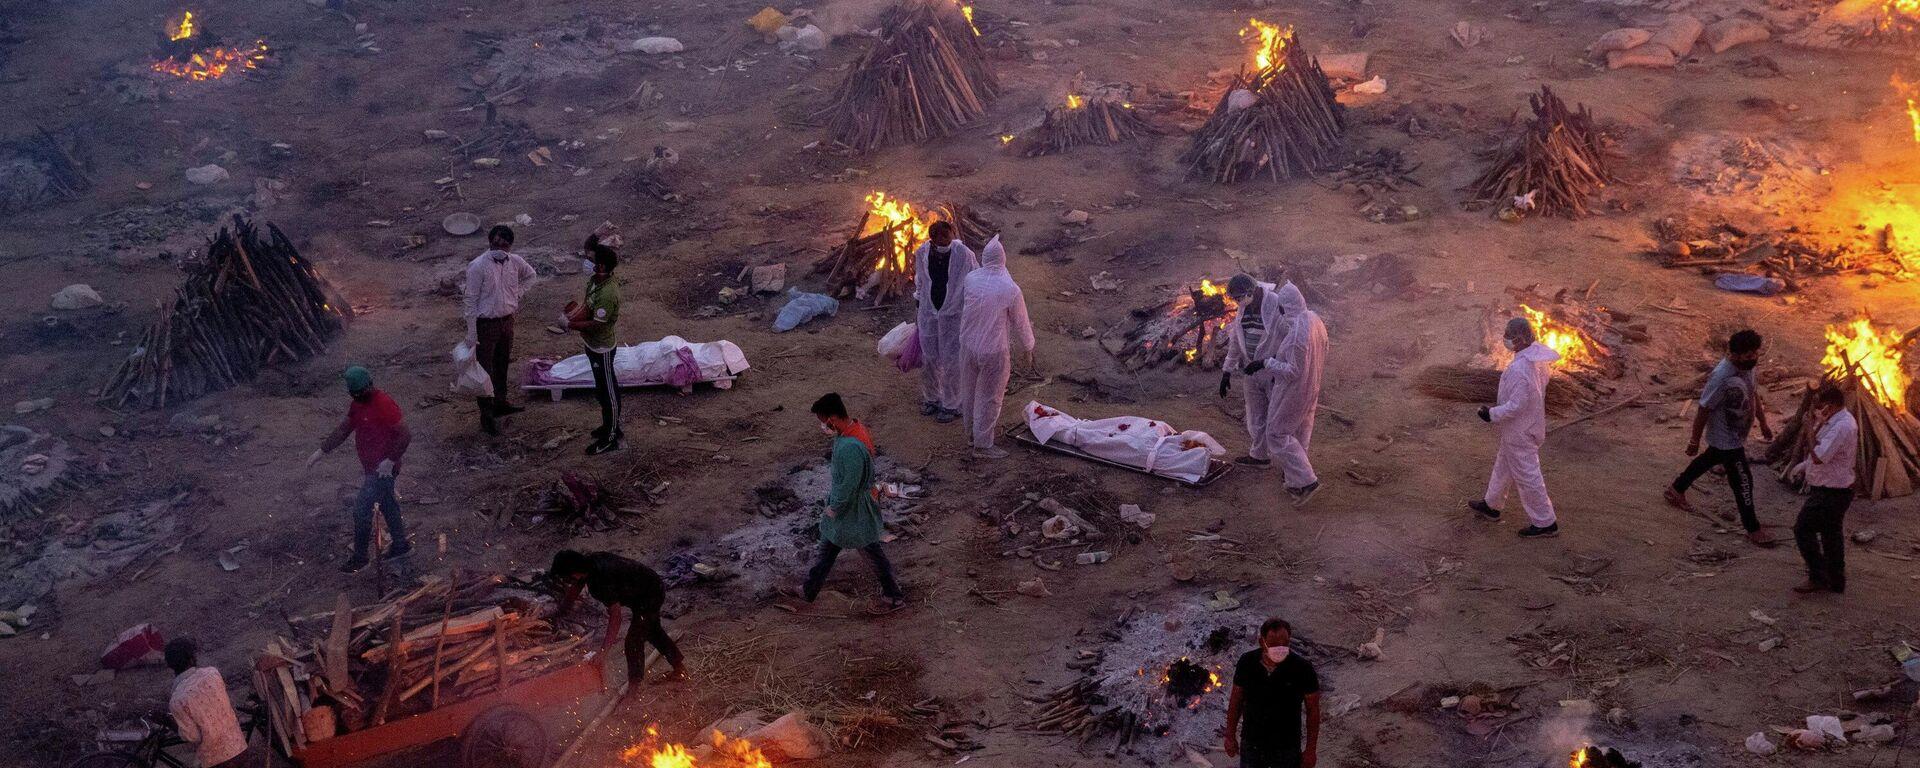 Массовая кремация жертв коронавируса в Индии - Sputnik Таджикистан, 1920, 24.04.2021